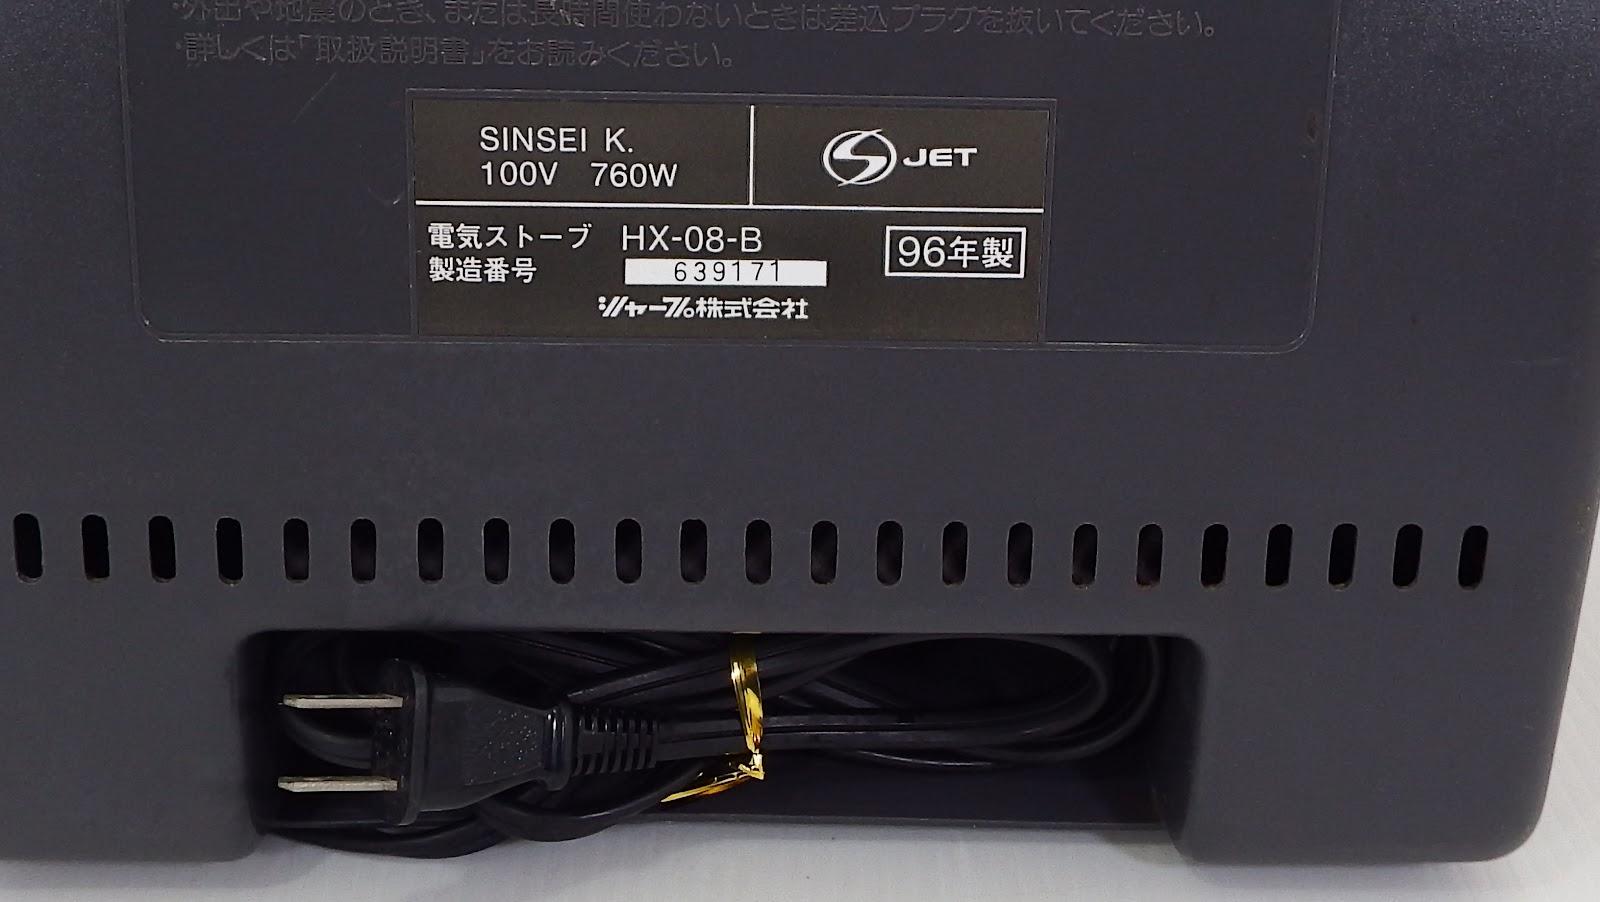 DSCF2005.JPG